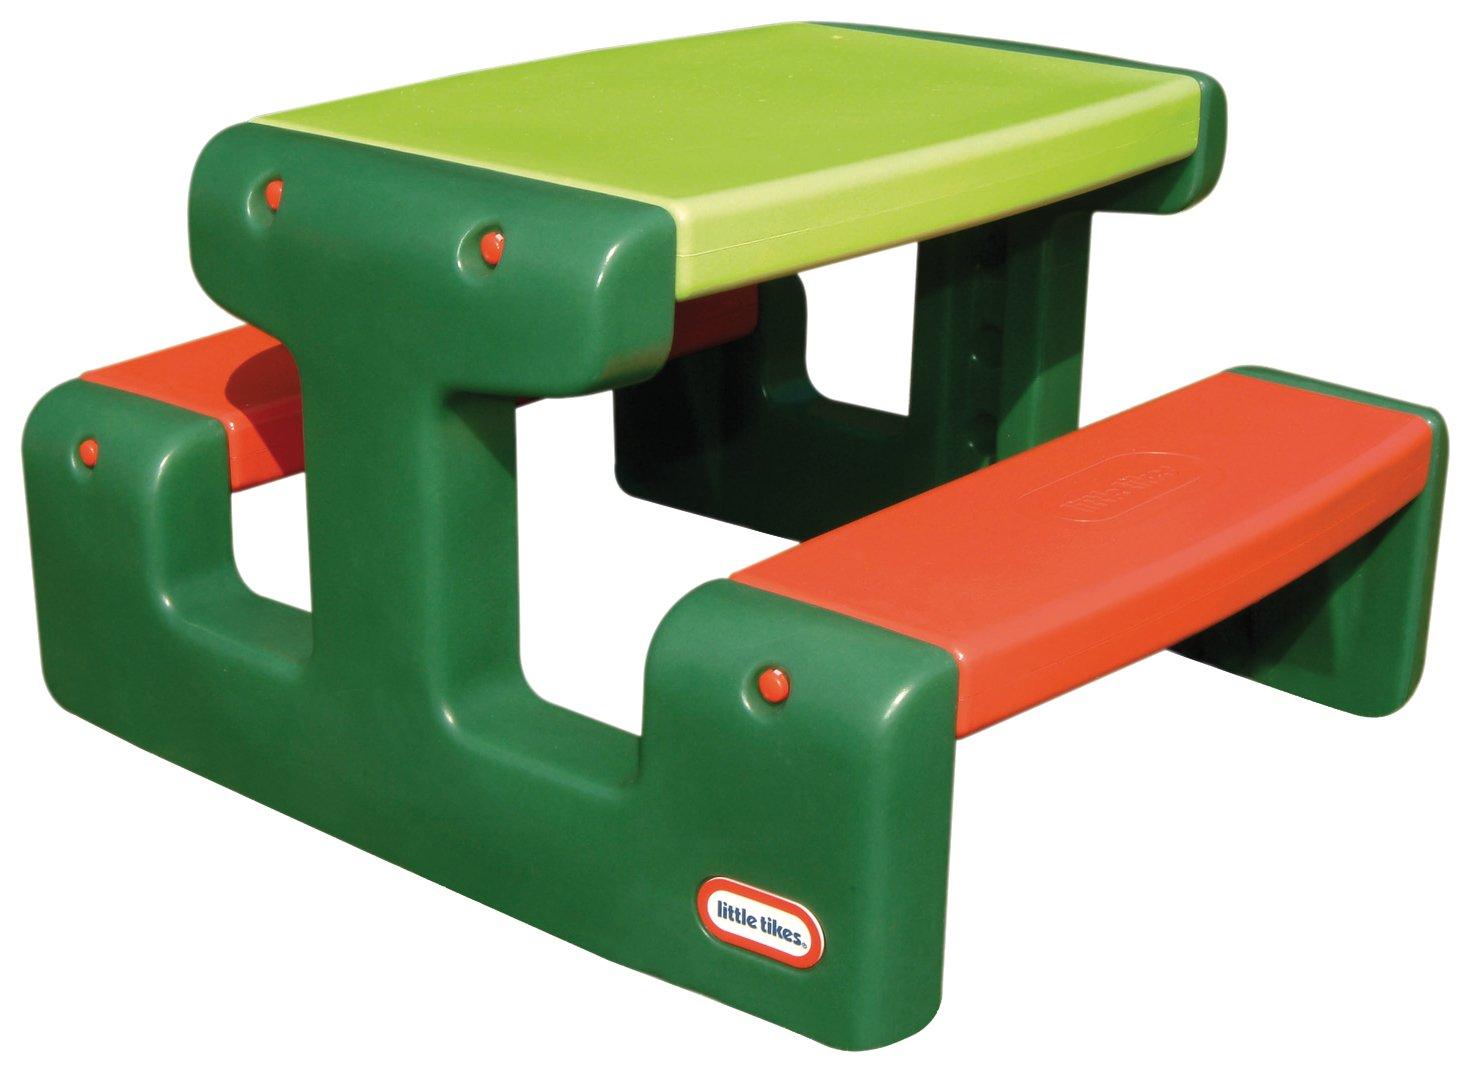 Little Tikes 479A - Mesa de picnic para niños (importado de Alemania), color verde y rojo